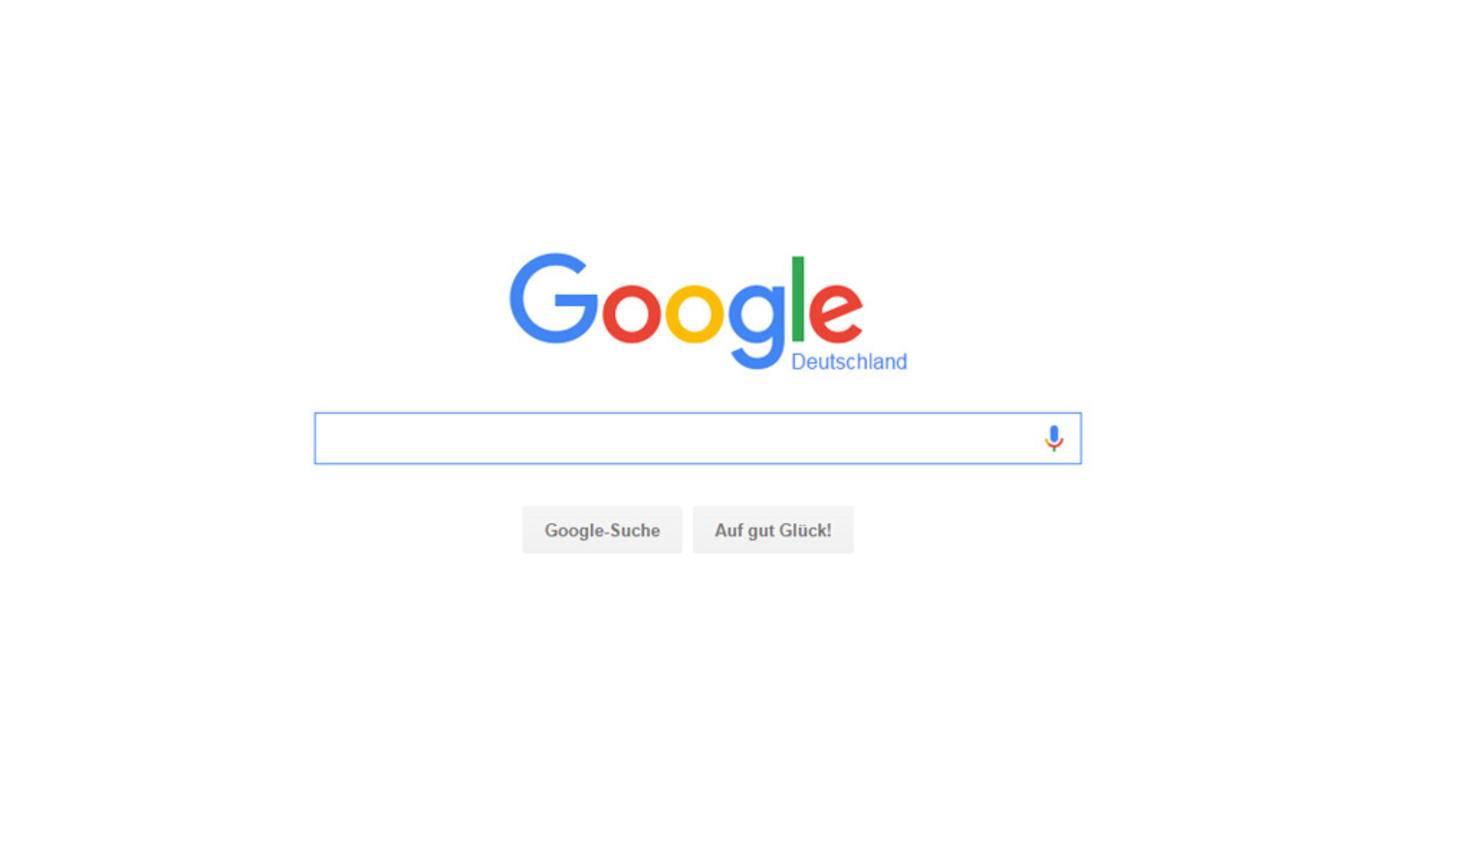 Ablenkungsfreie Suche: Google weiß, was die Nutzer wollen.